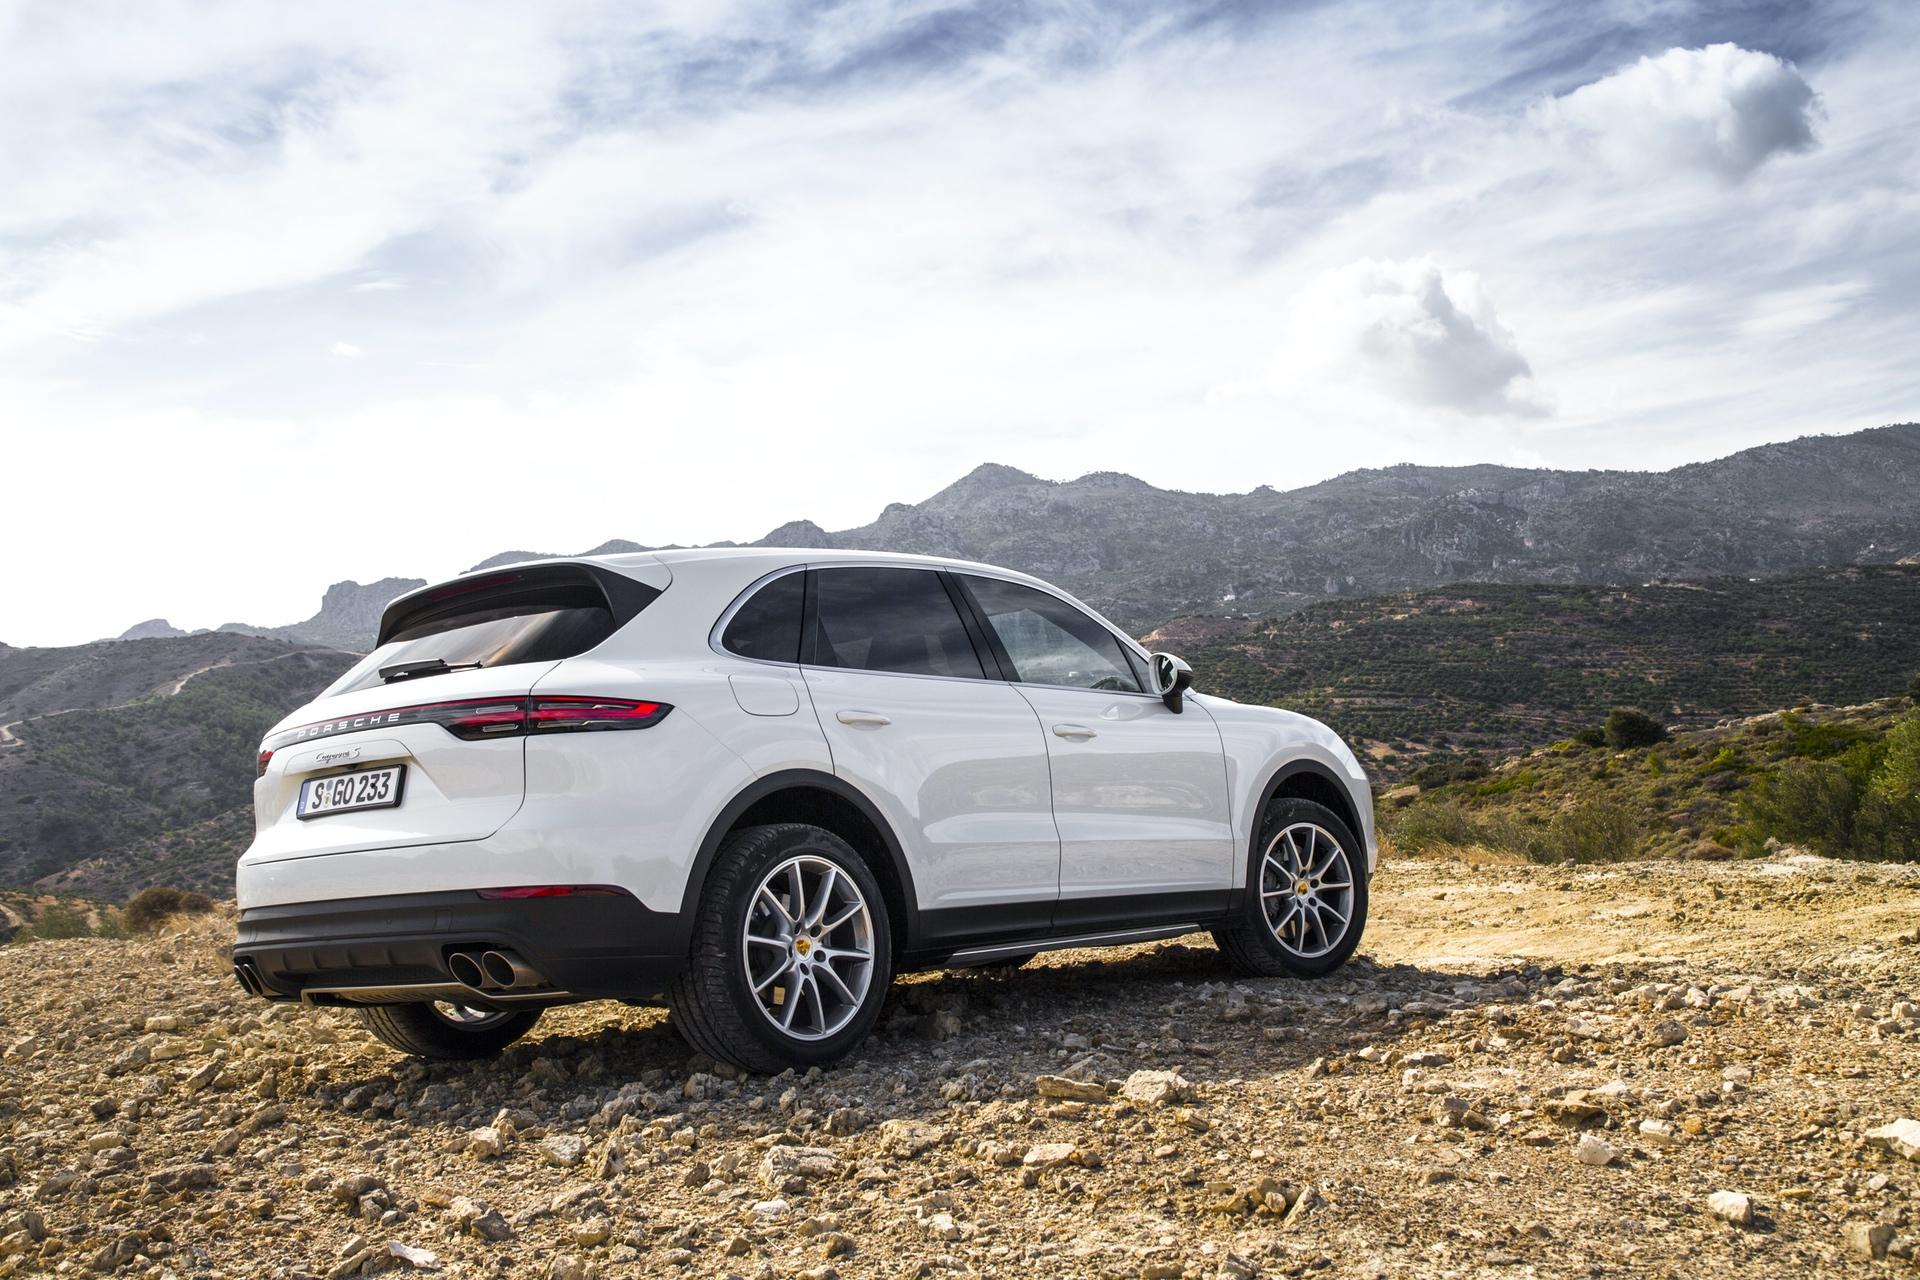 Test_Drive_Porsche_Cayenne_243